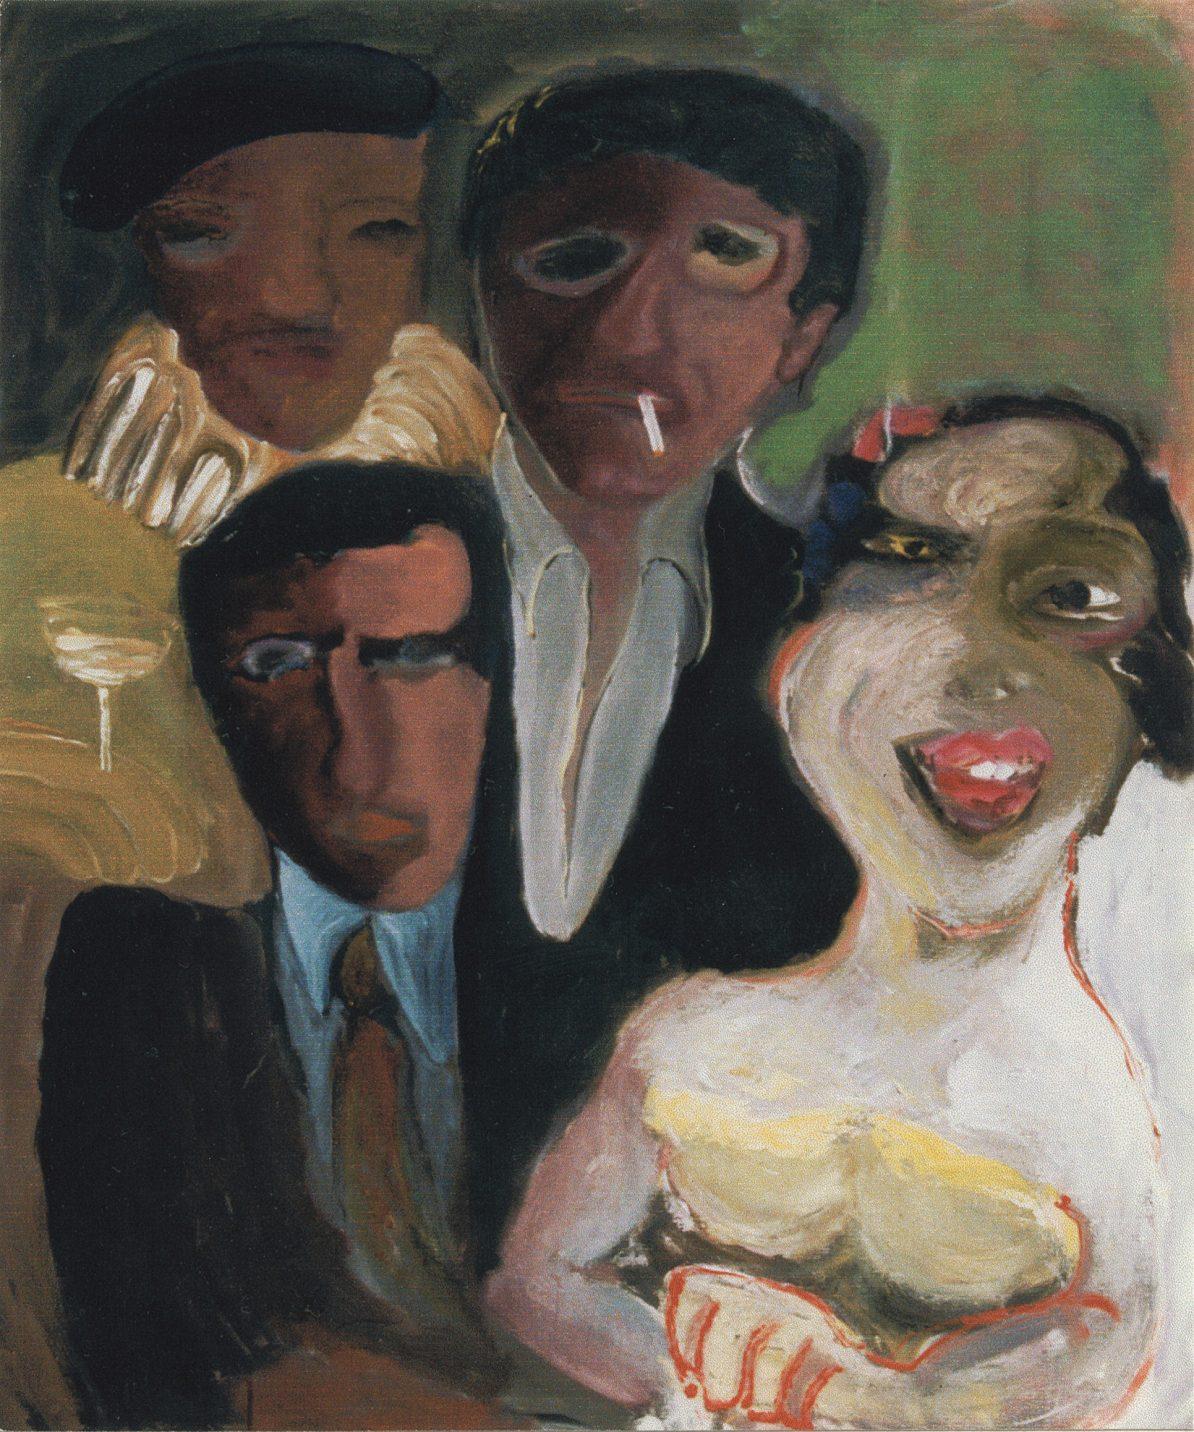 De Kring. 1999. Olieverf op doek. 110 x 130 cm.